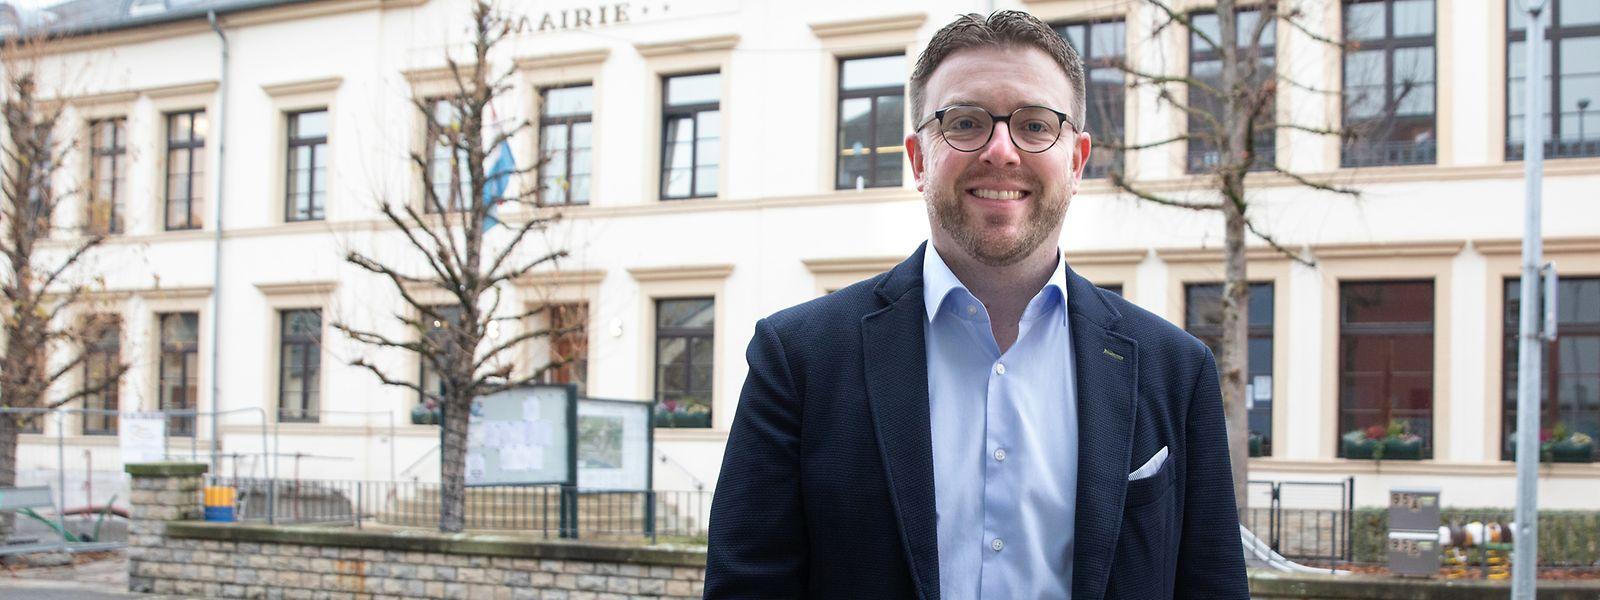 Auf die Ideen der Bürger für das Dorfzentrum von Wormeldingen ist Bürgermeister Ast gespannt.